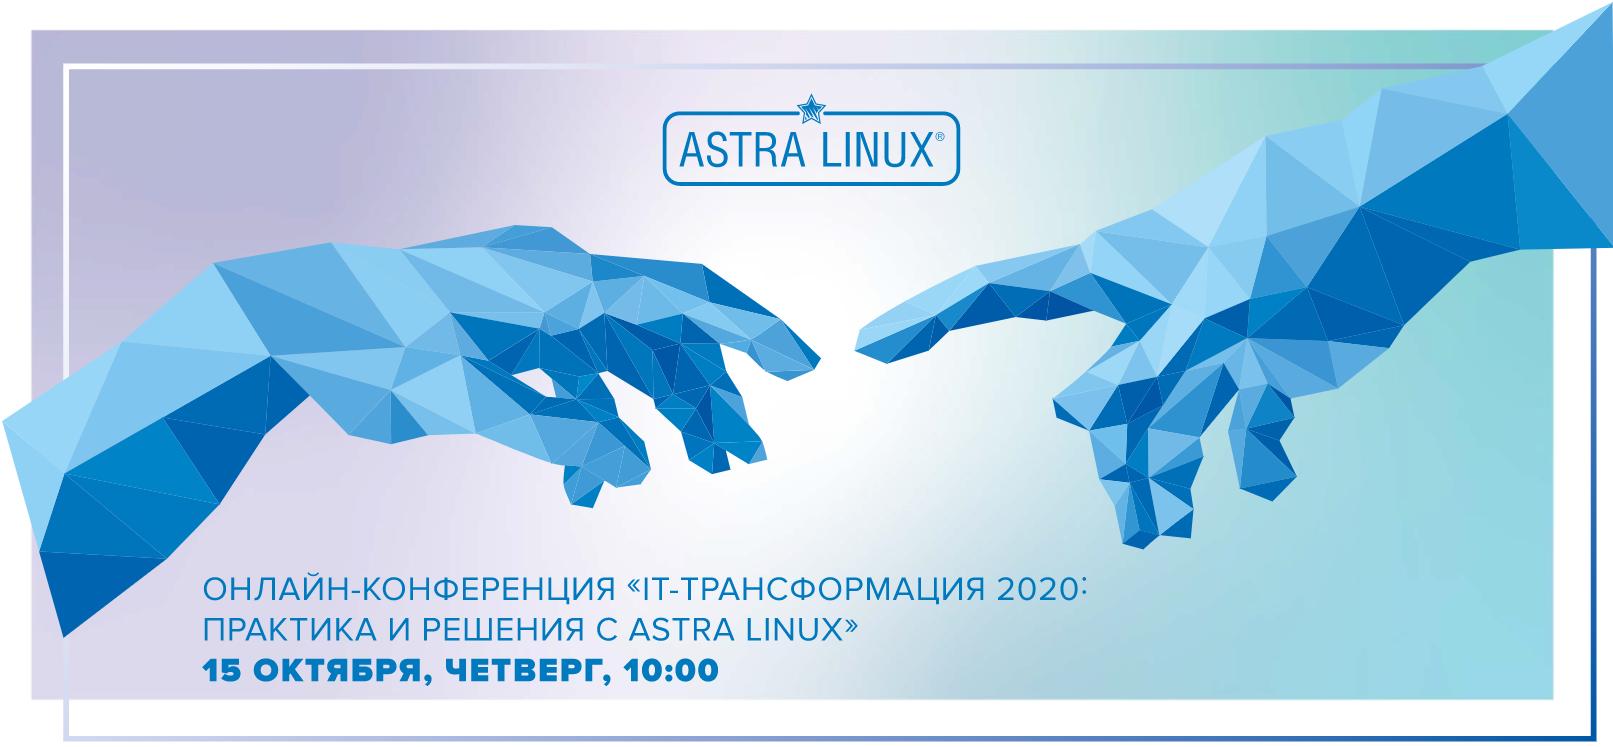 Ежегодная практическая конференция «IT-трансформация 2020. Практика и решения с Astra Linux»